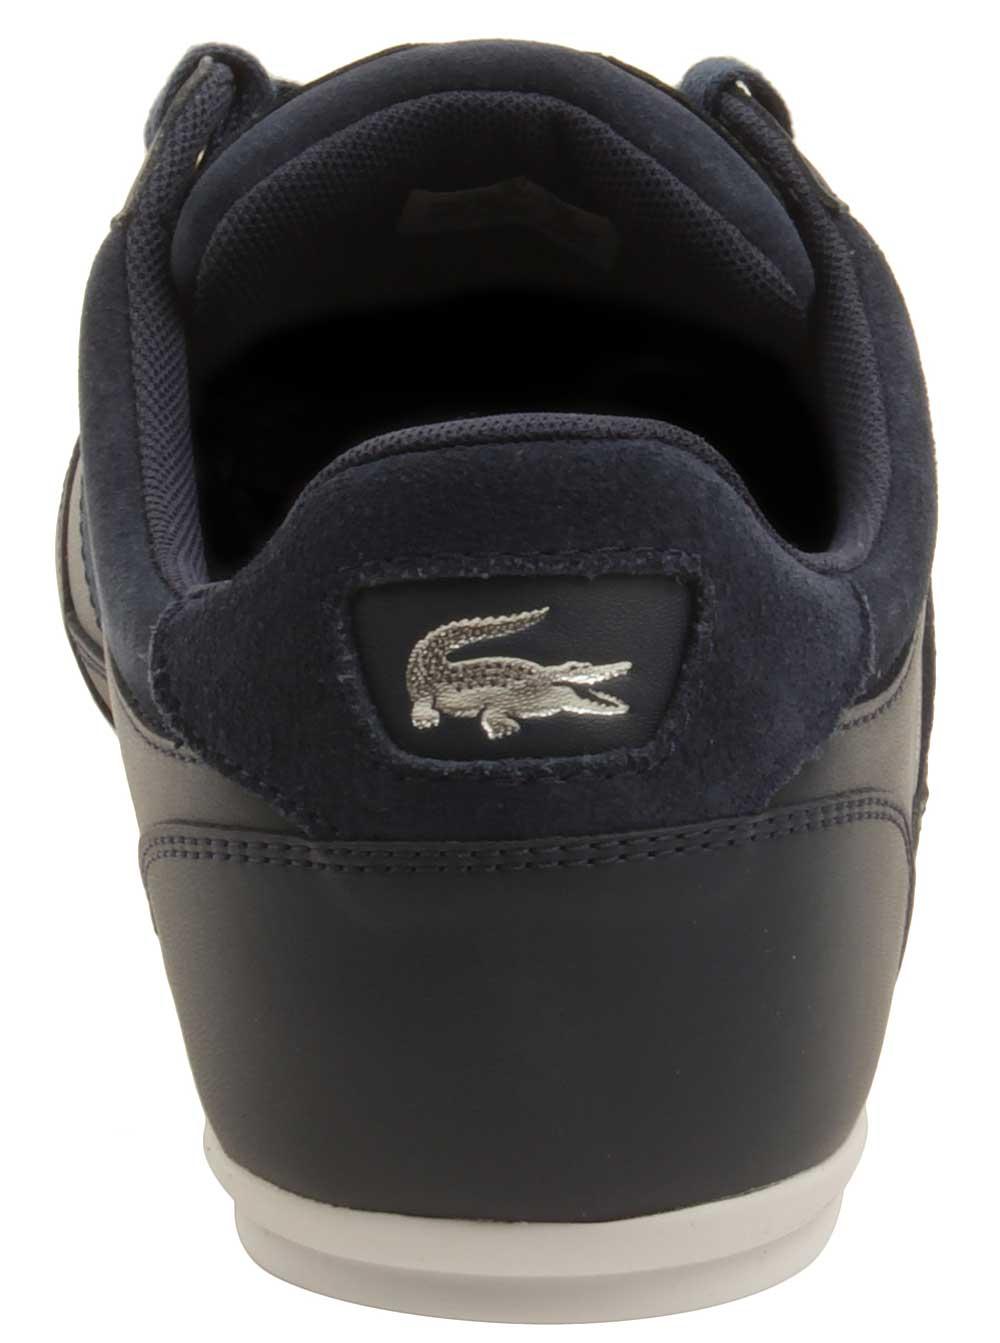 Lacoste Men's Chaymon 118 1 Sneaker